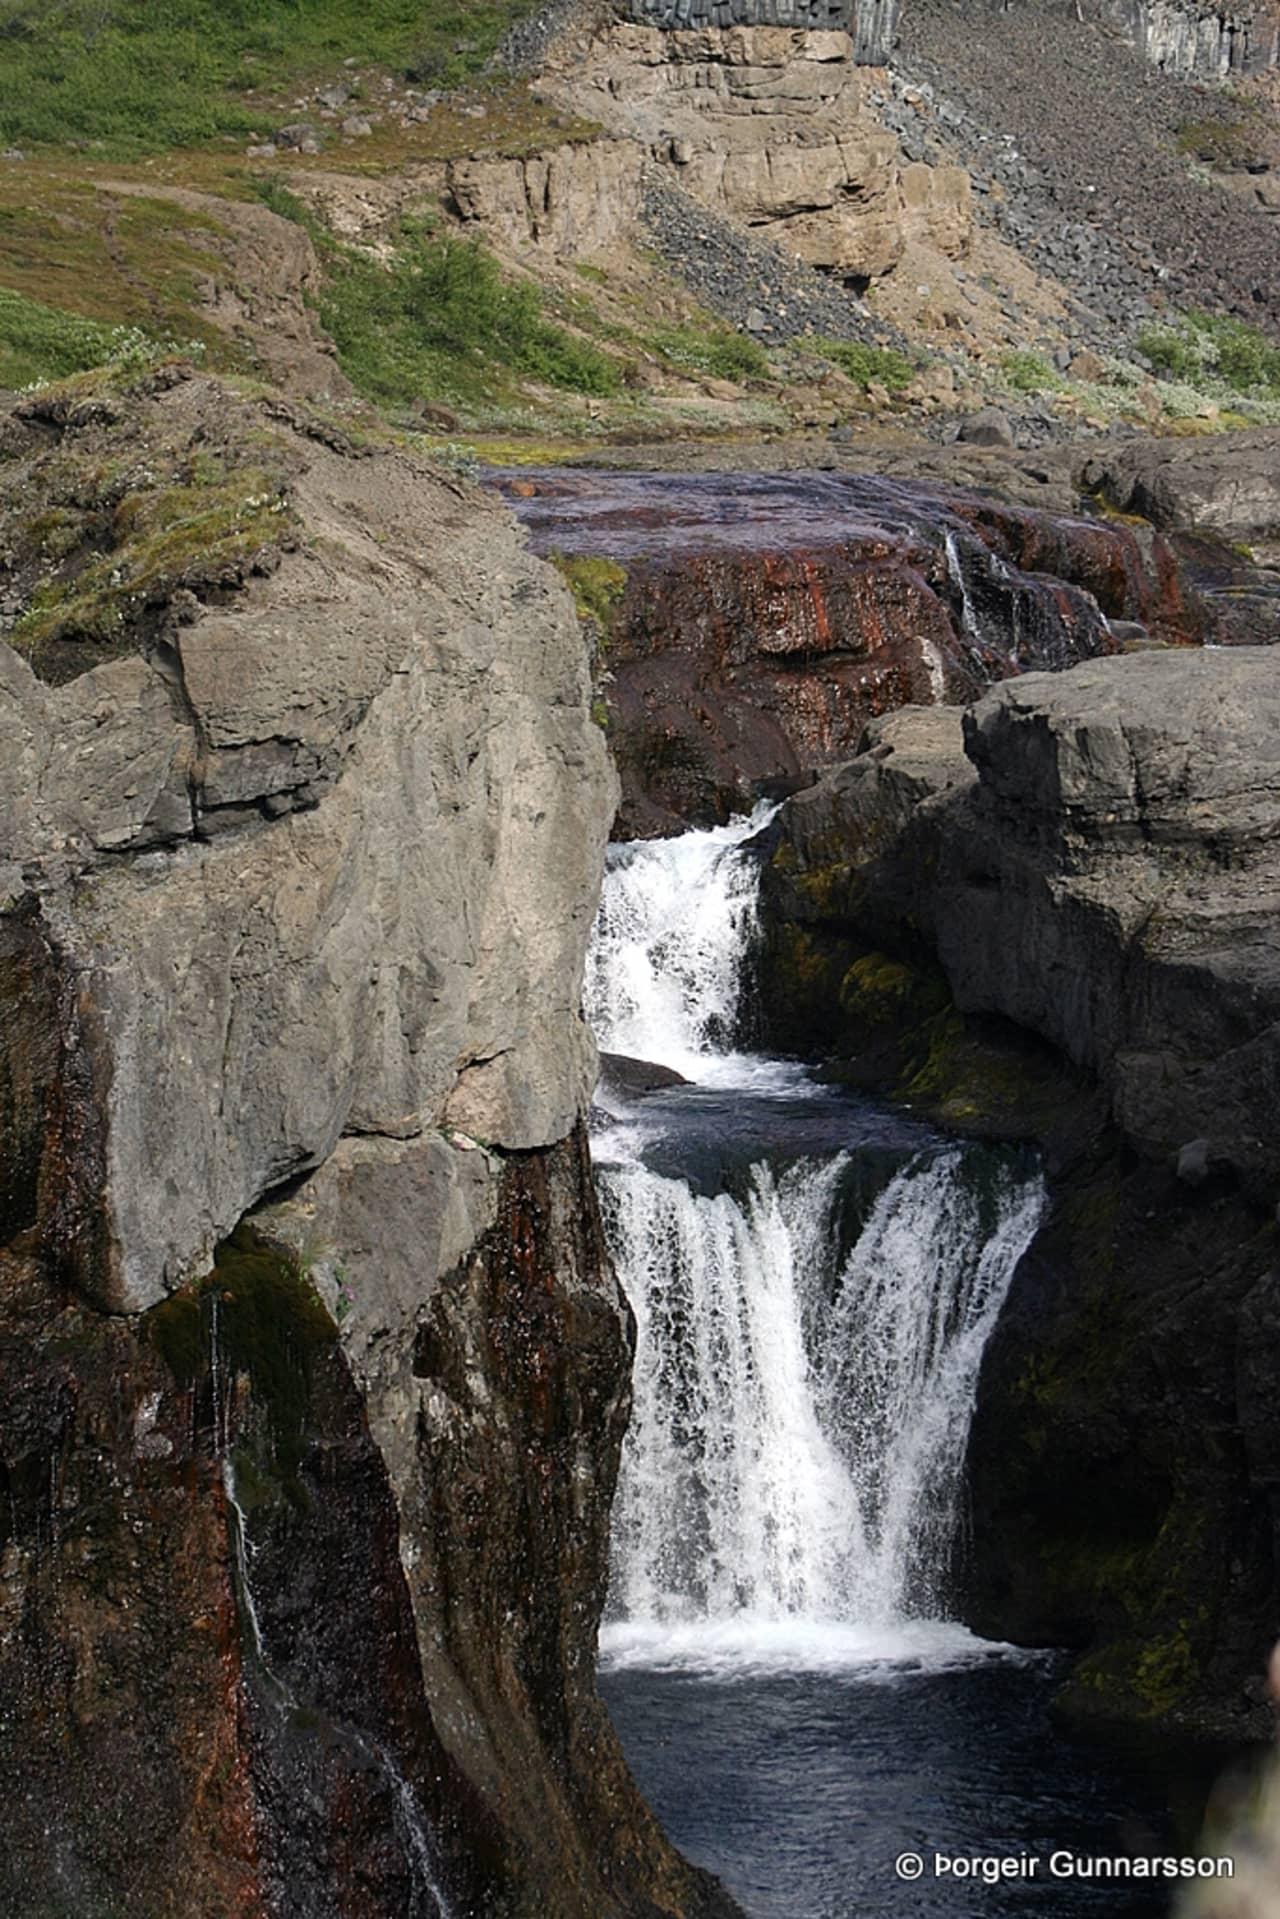 National Park Iceland Columnar Rock Formation Walking Tracks